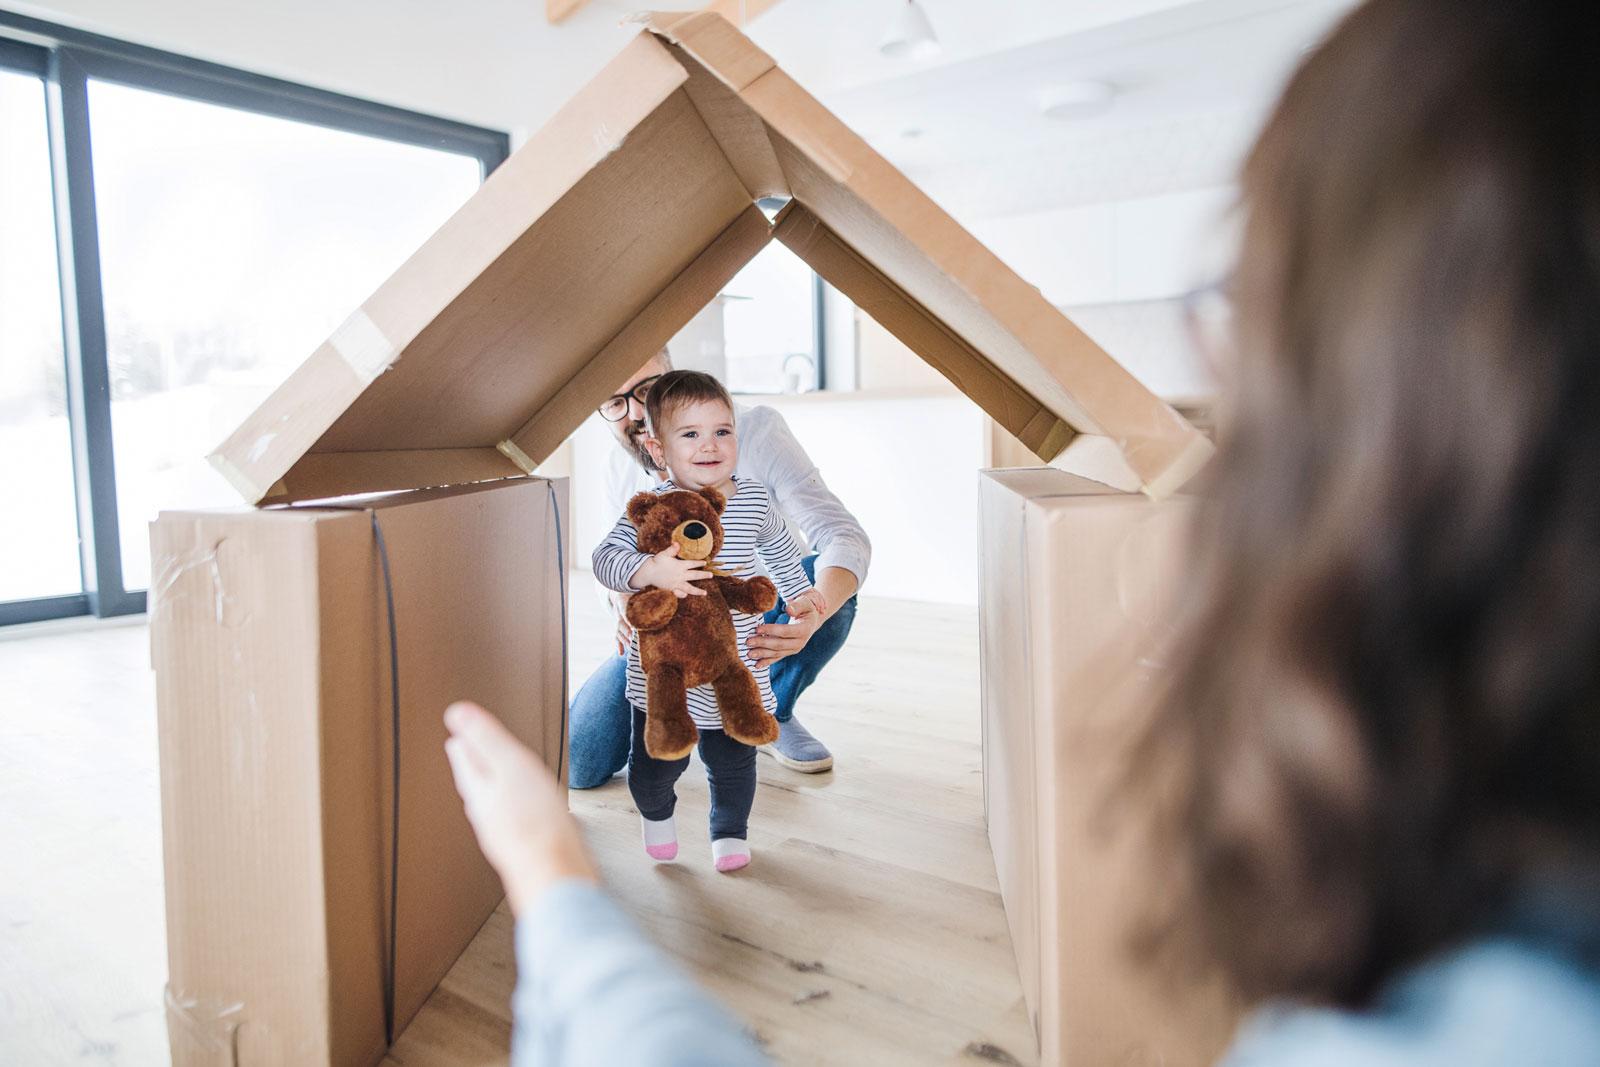 Familiengründung macht Lust auf ein eigenes Heim.